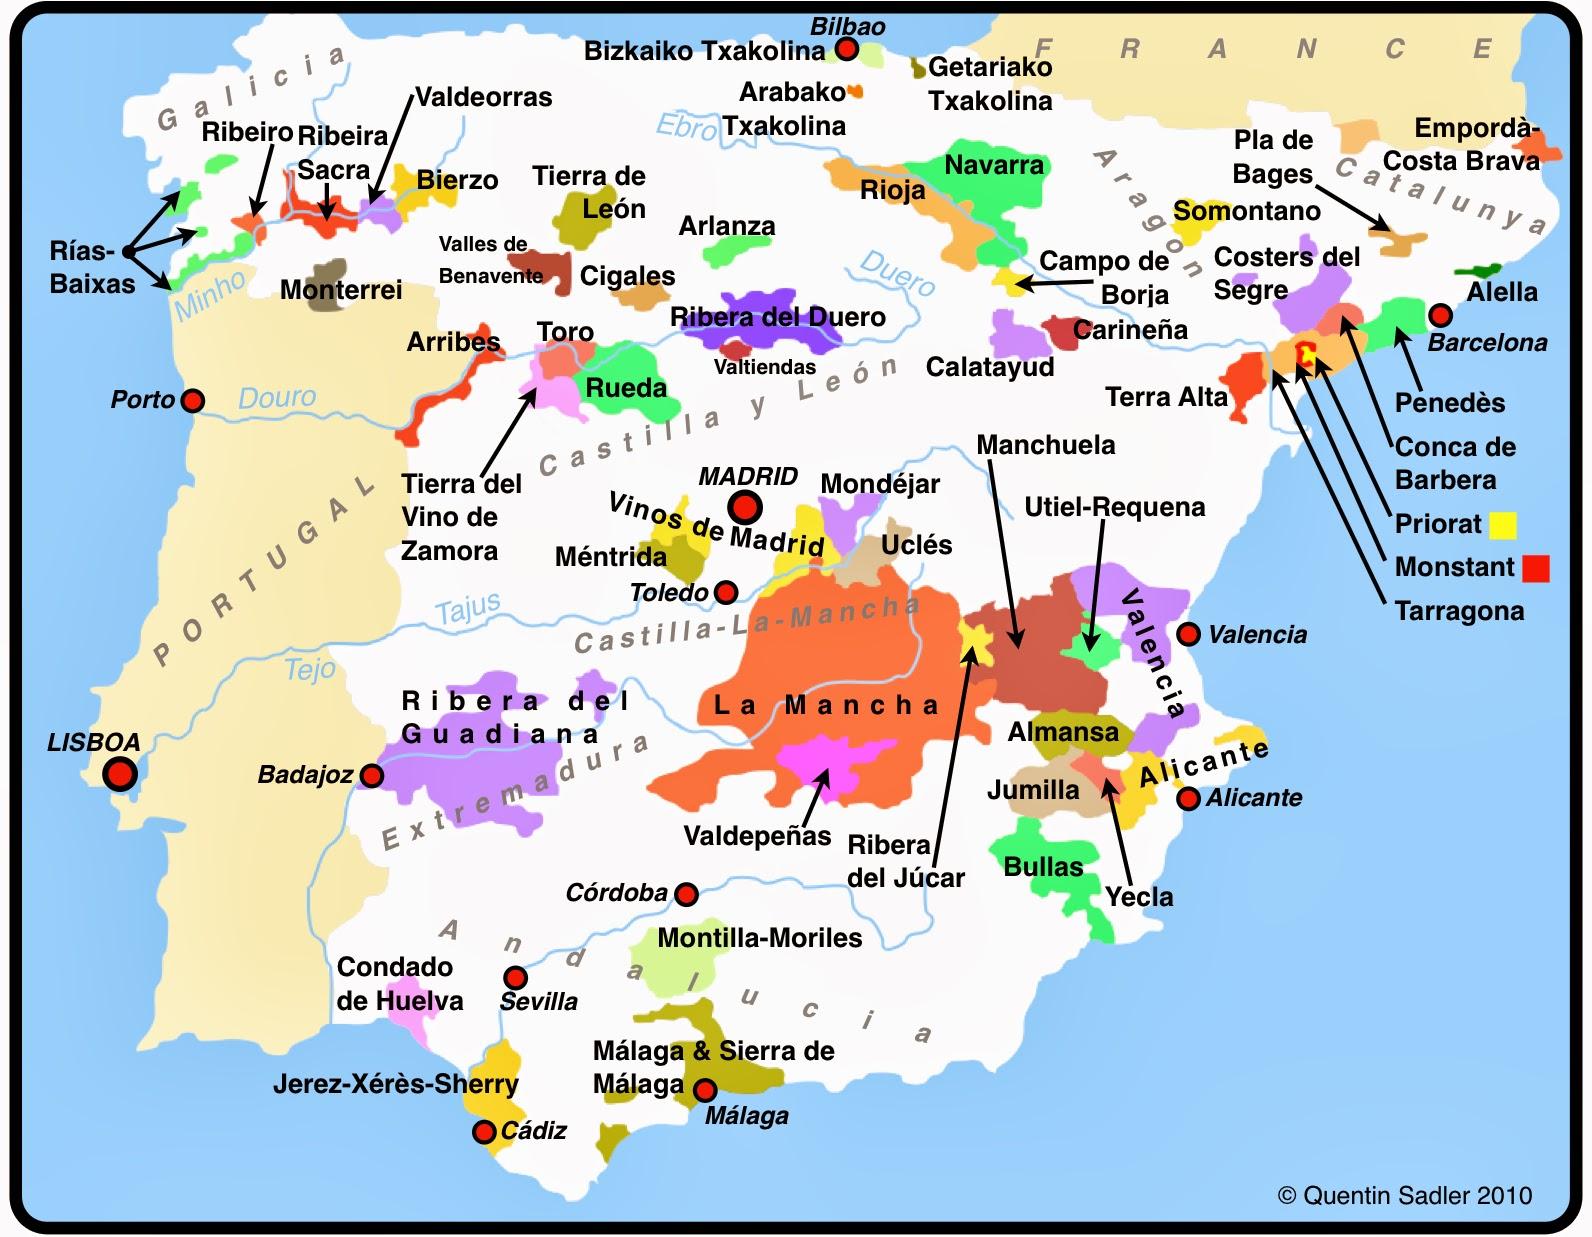 ver mapa de espanha In Vino Viajas : Rota do Vinho Ribeira Sacra, Galícia: turismo  ver mapa de espanha